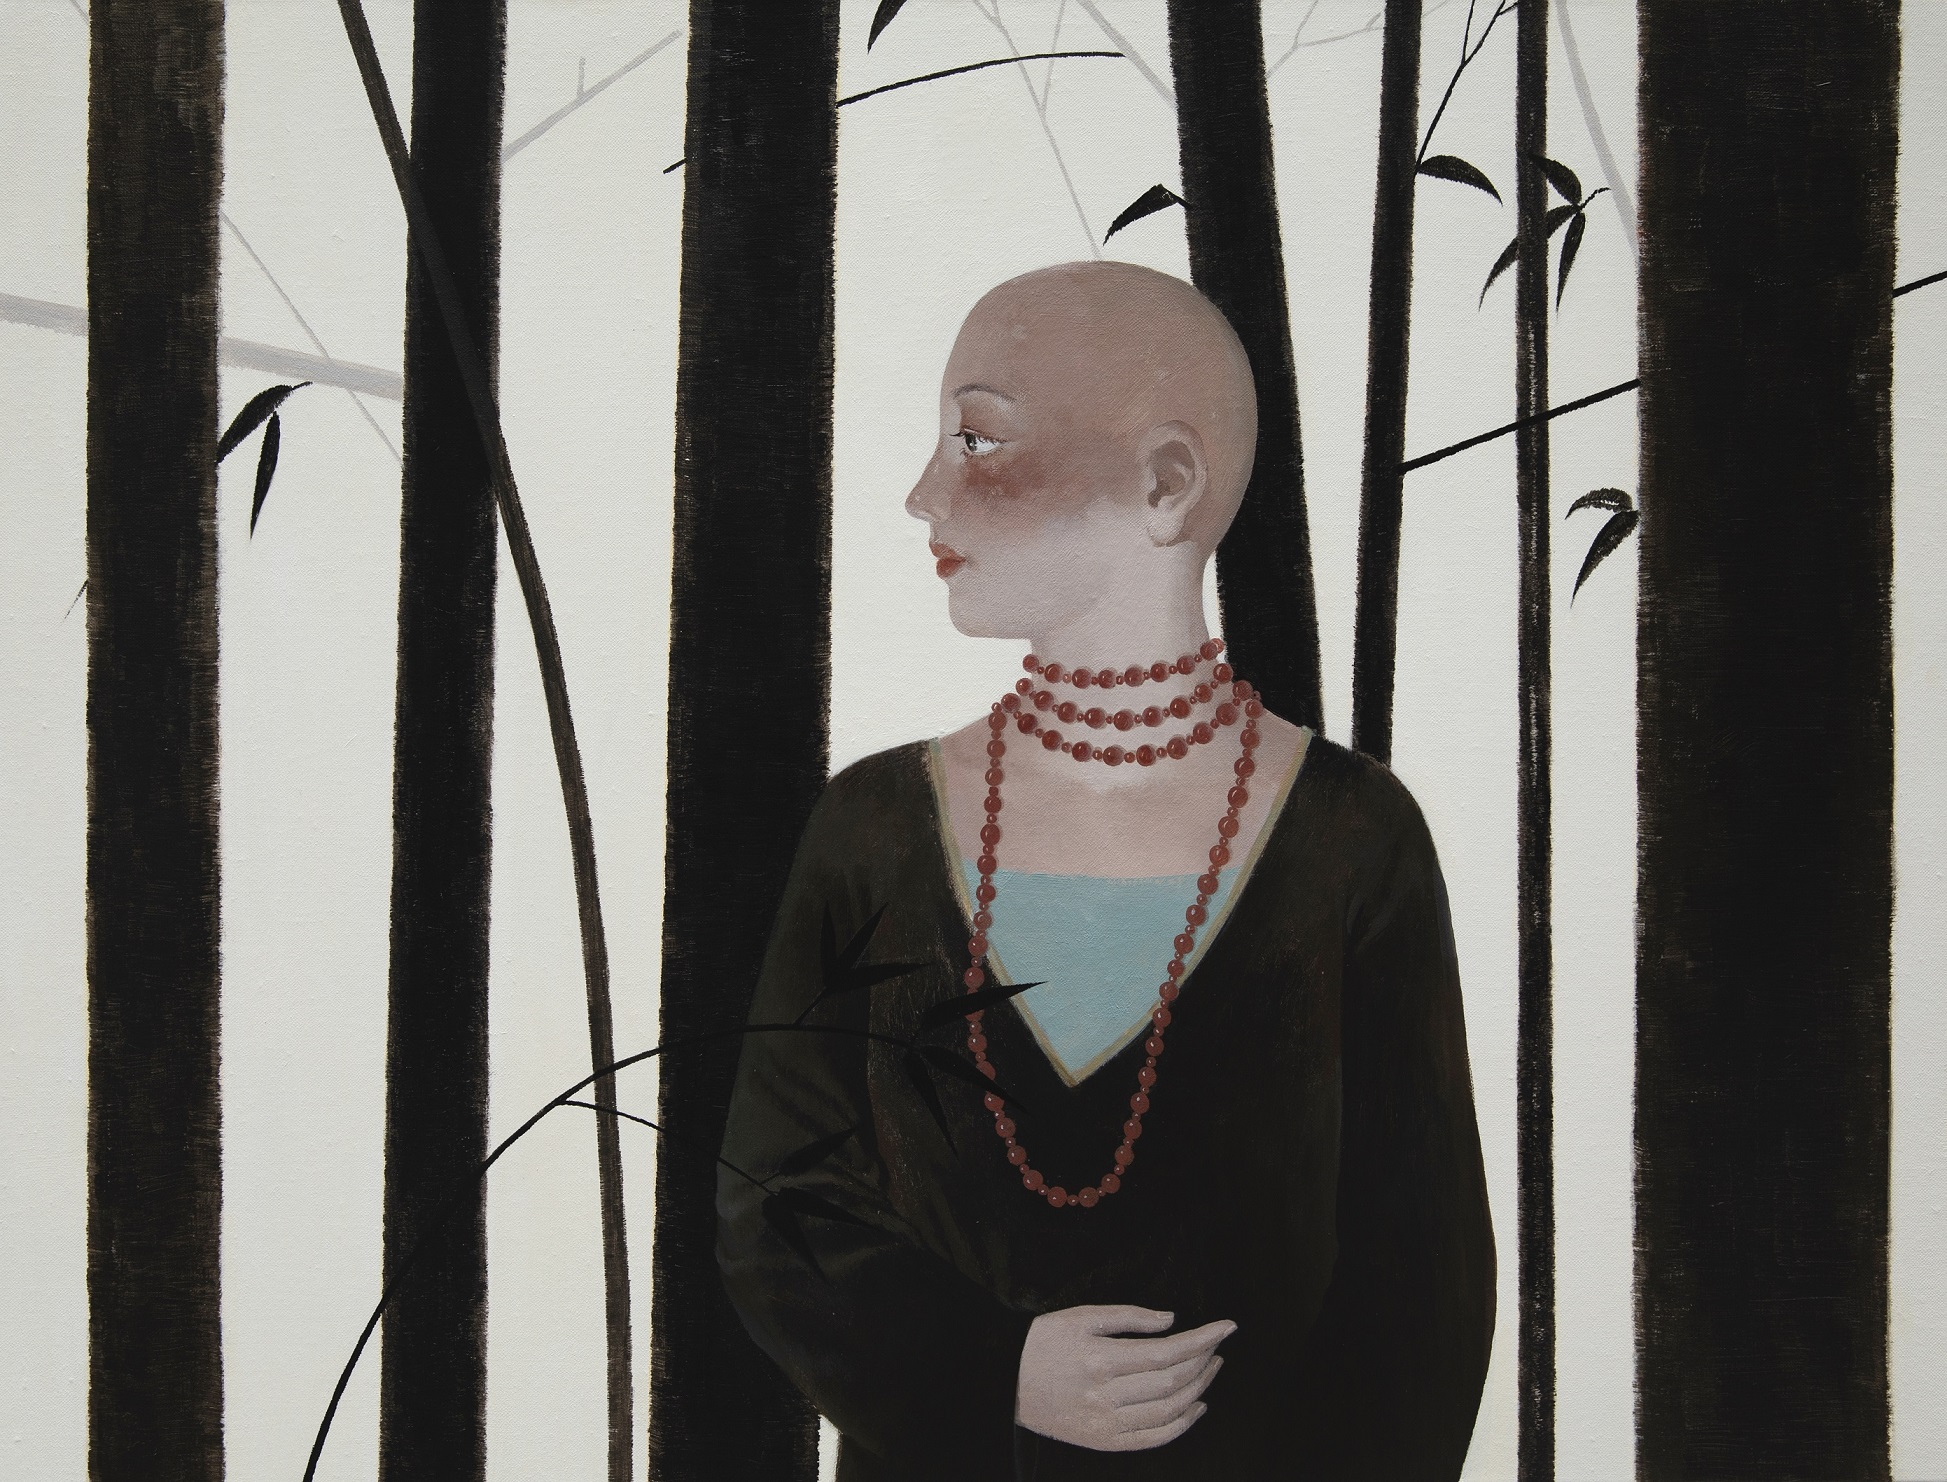 【独白】60x80cm布面アクリル2019-【王小双絵画個展・言いたいことはまだ恥ずかしい】域上和美芸術館